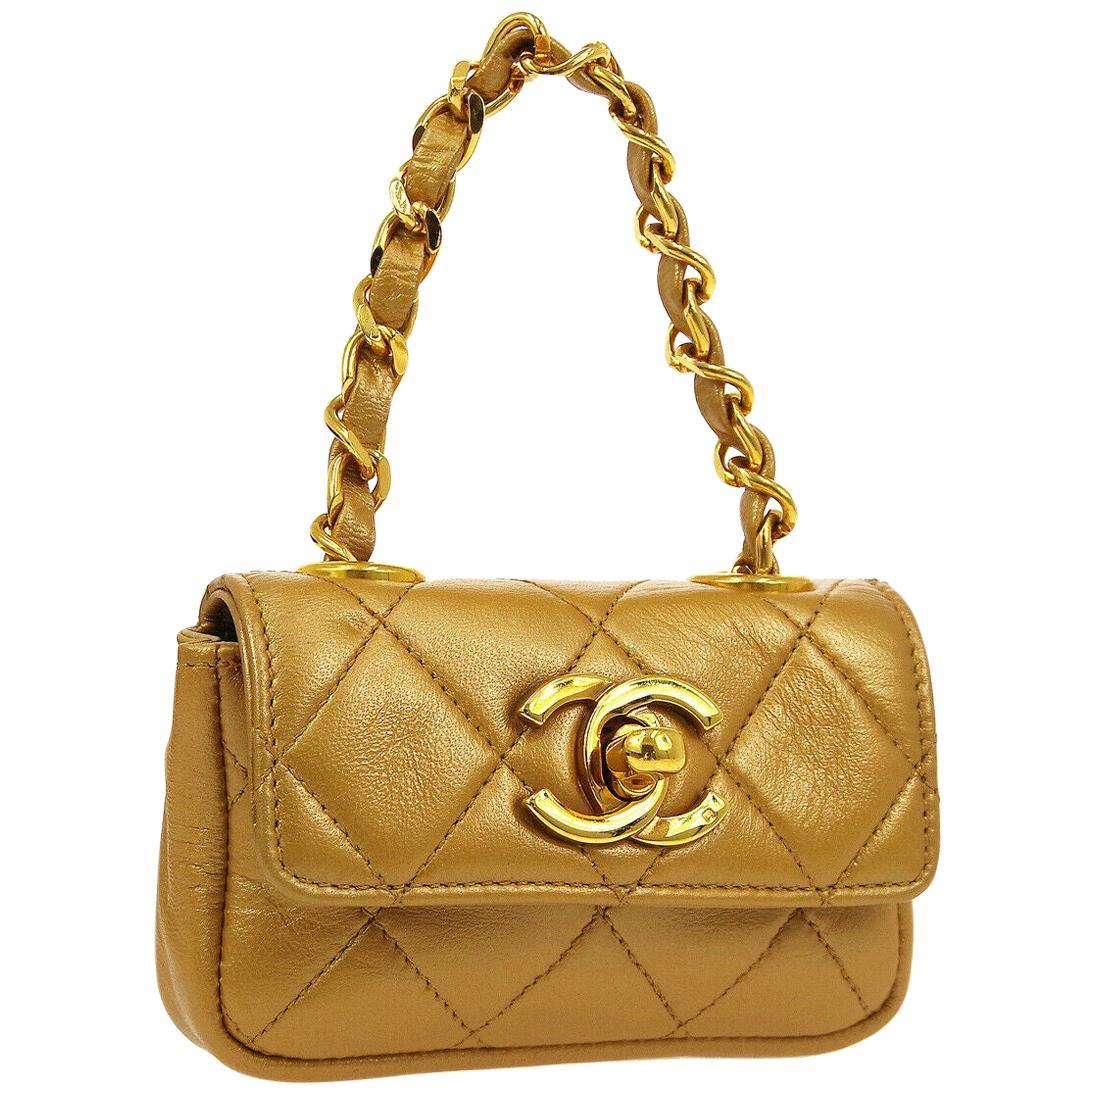 Chanel Metallic Gold Leather Small Mini Micro Top Handle Flap Bag in Box